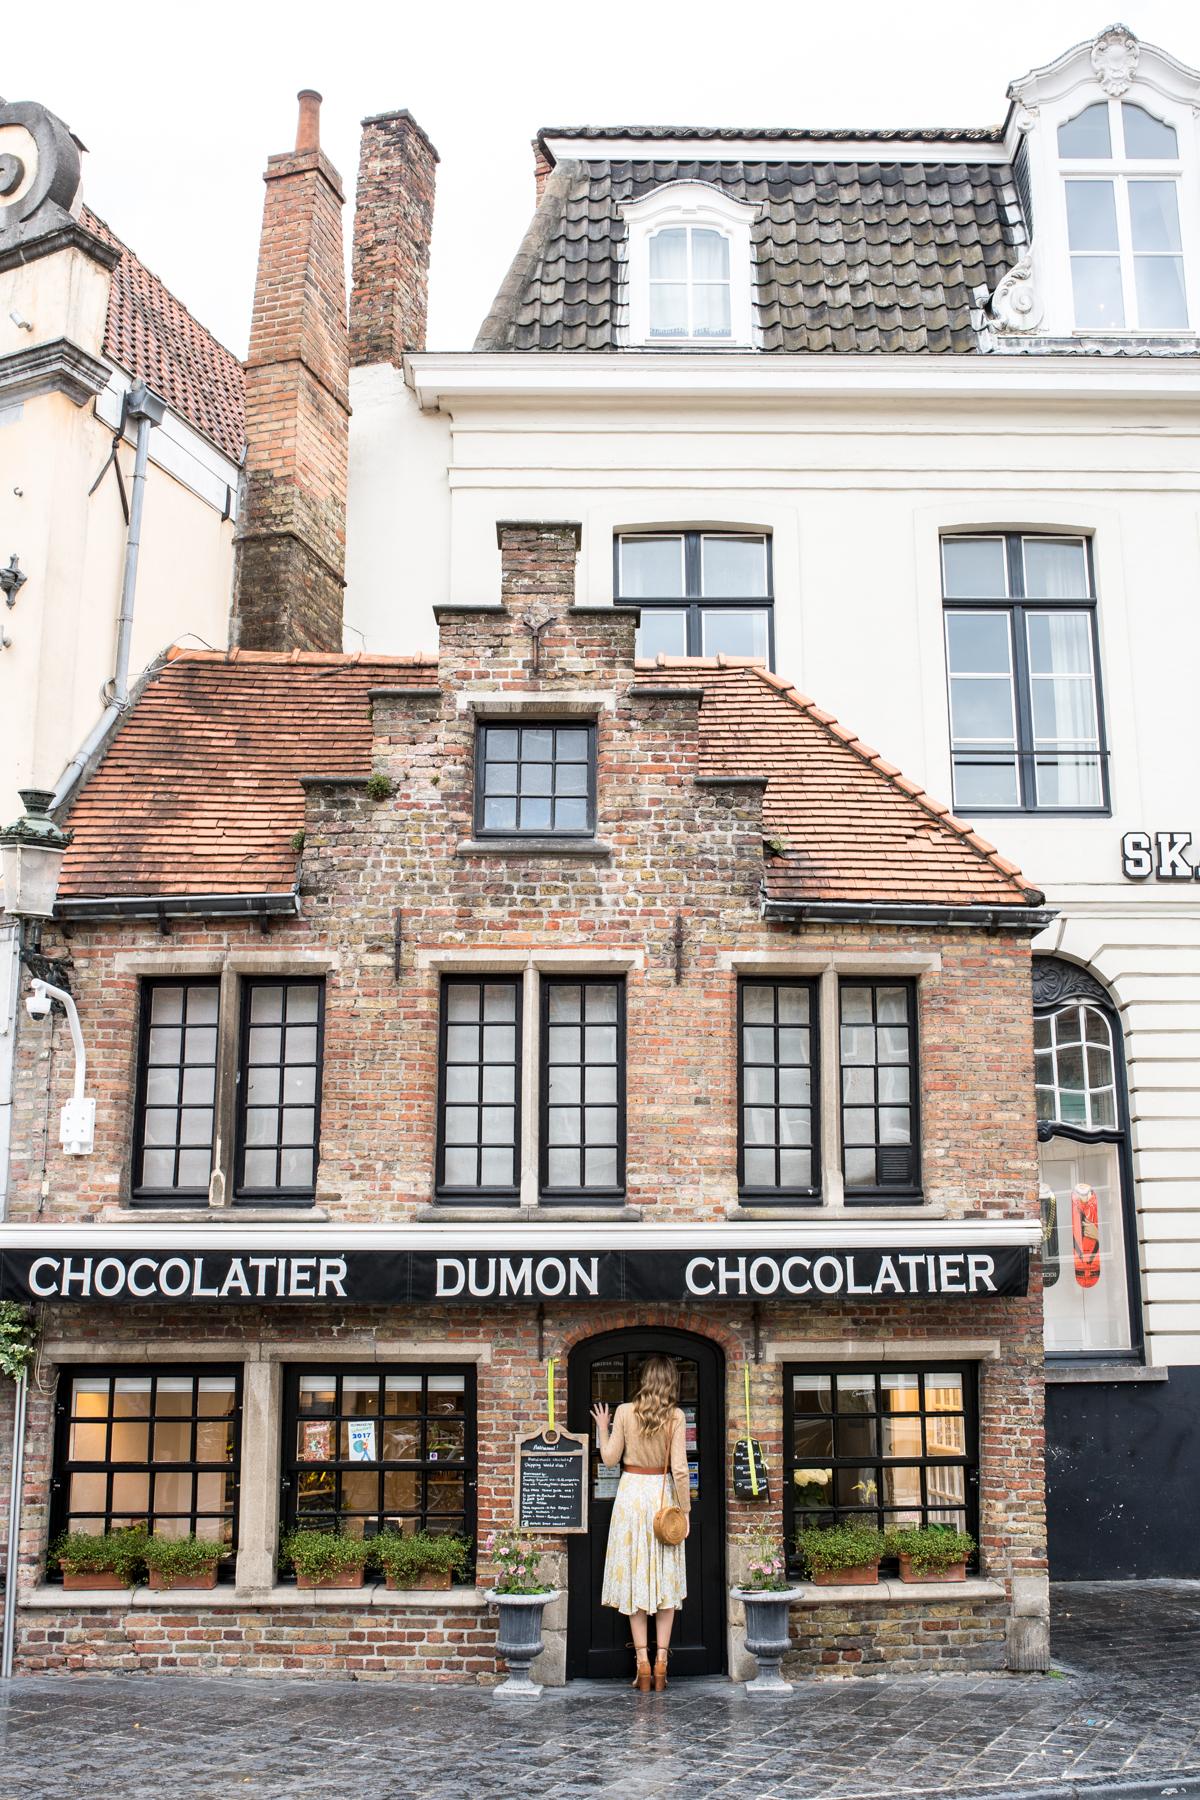 Stacie Flinner Brugge City Guide-6.jpg